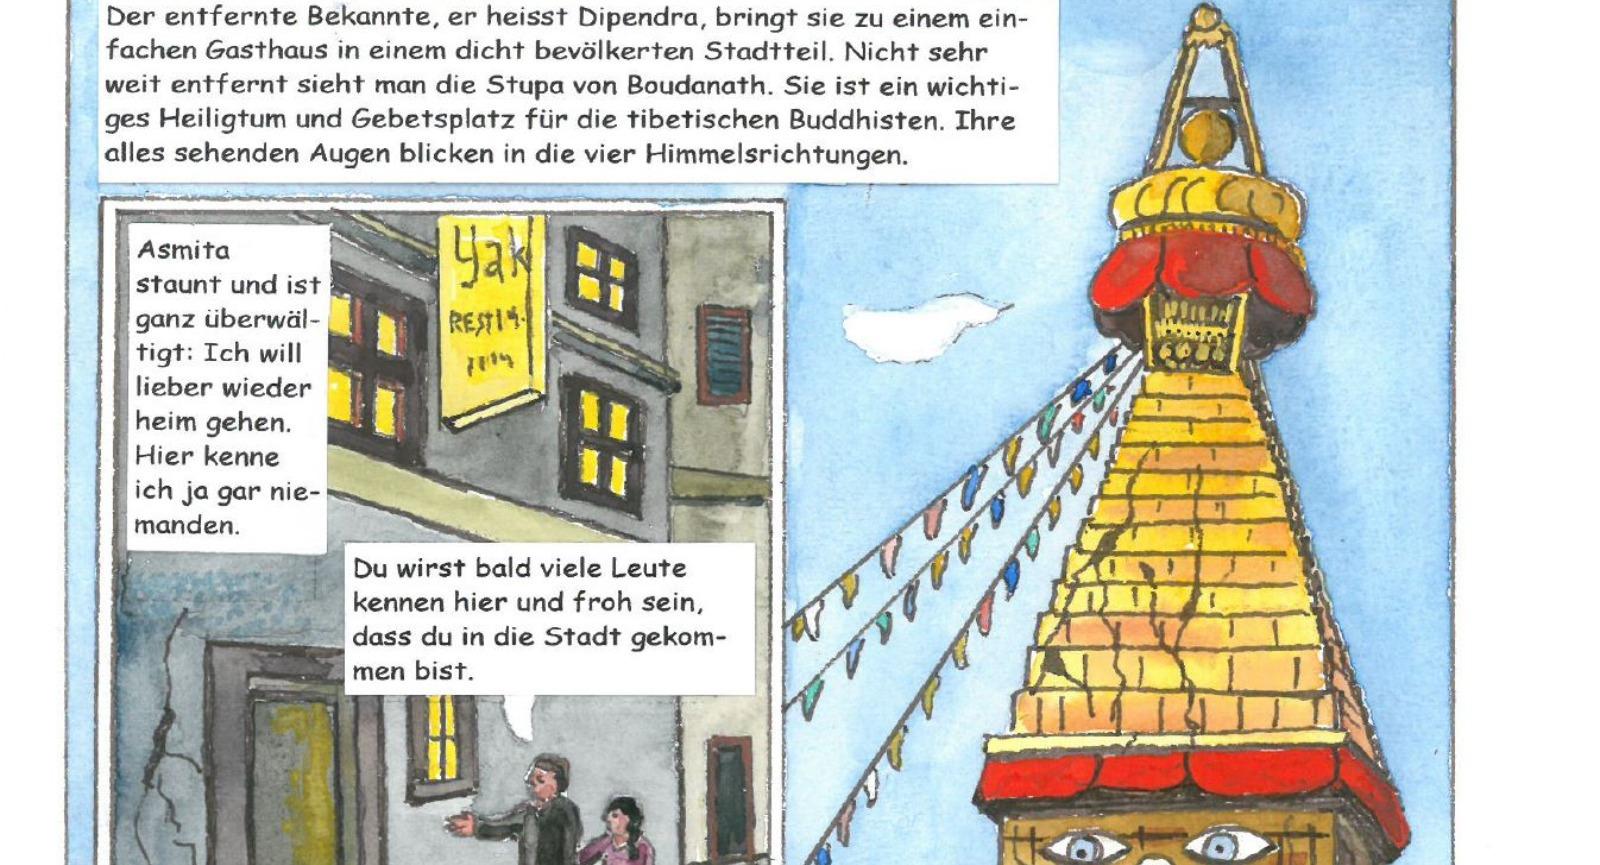 Gedanken auf dem Weg - Kirchgemeinde Wnnewil Flamatt